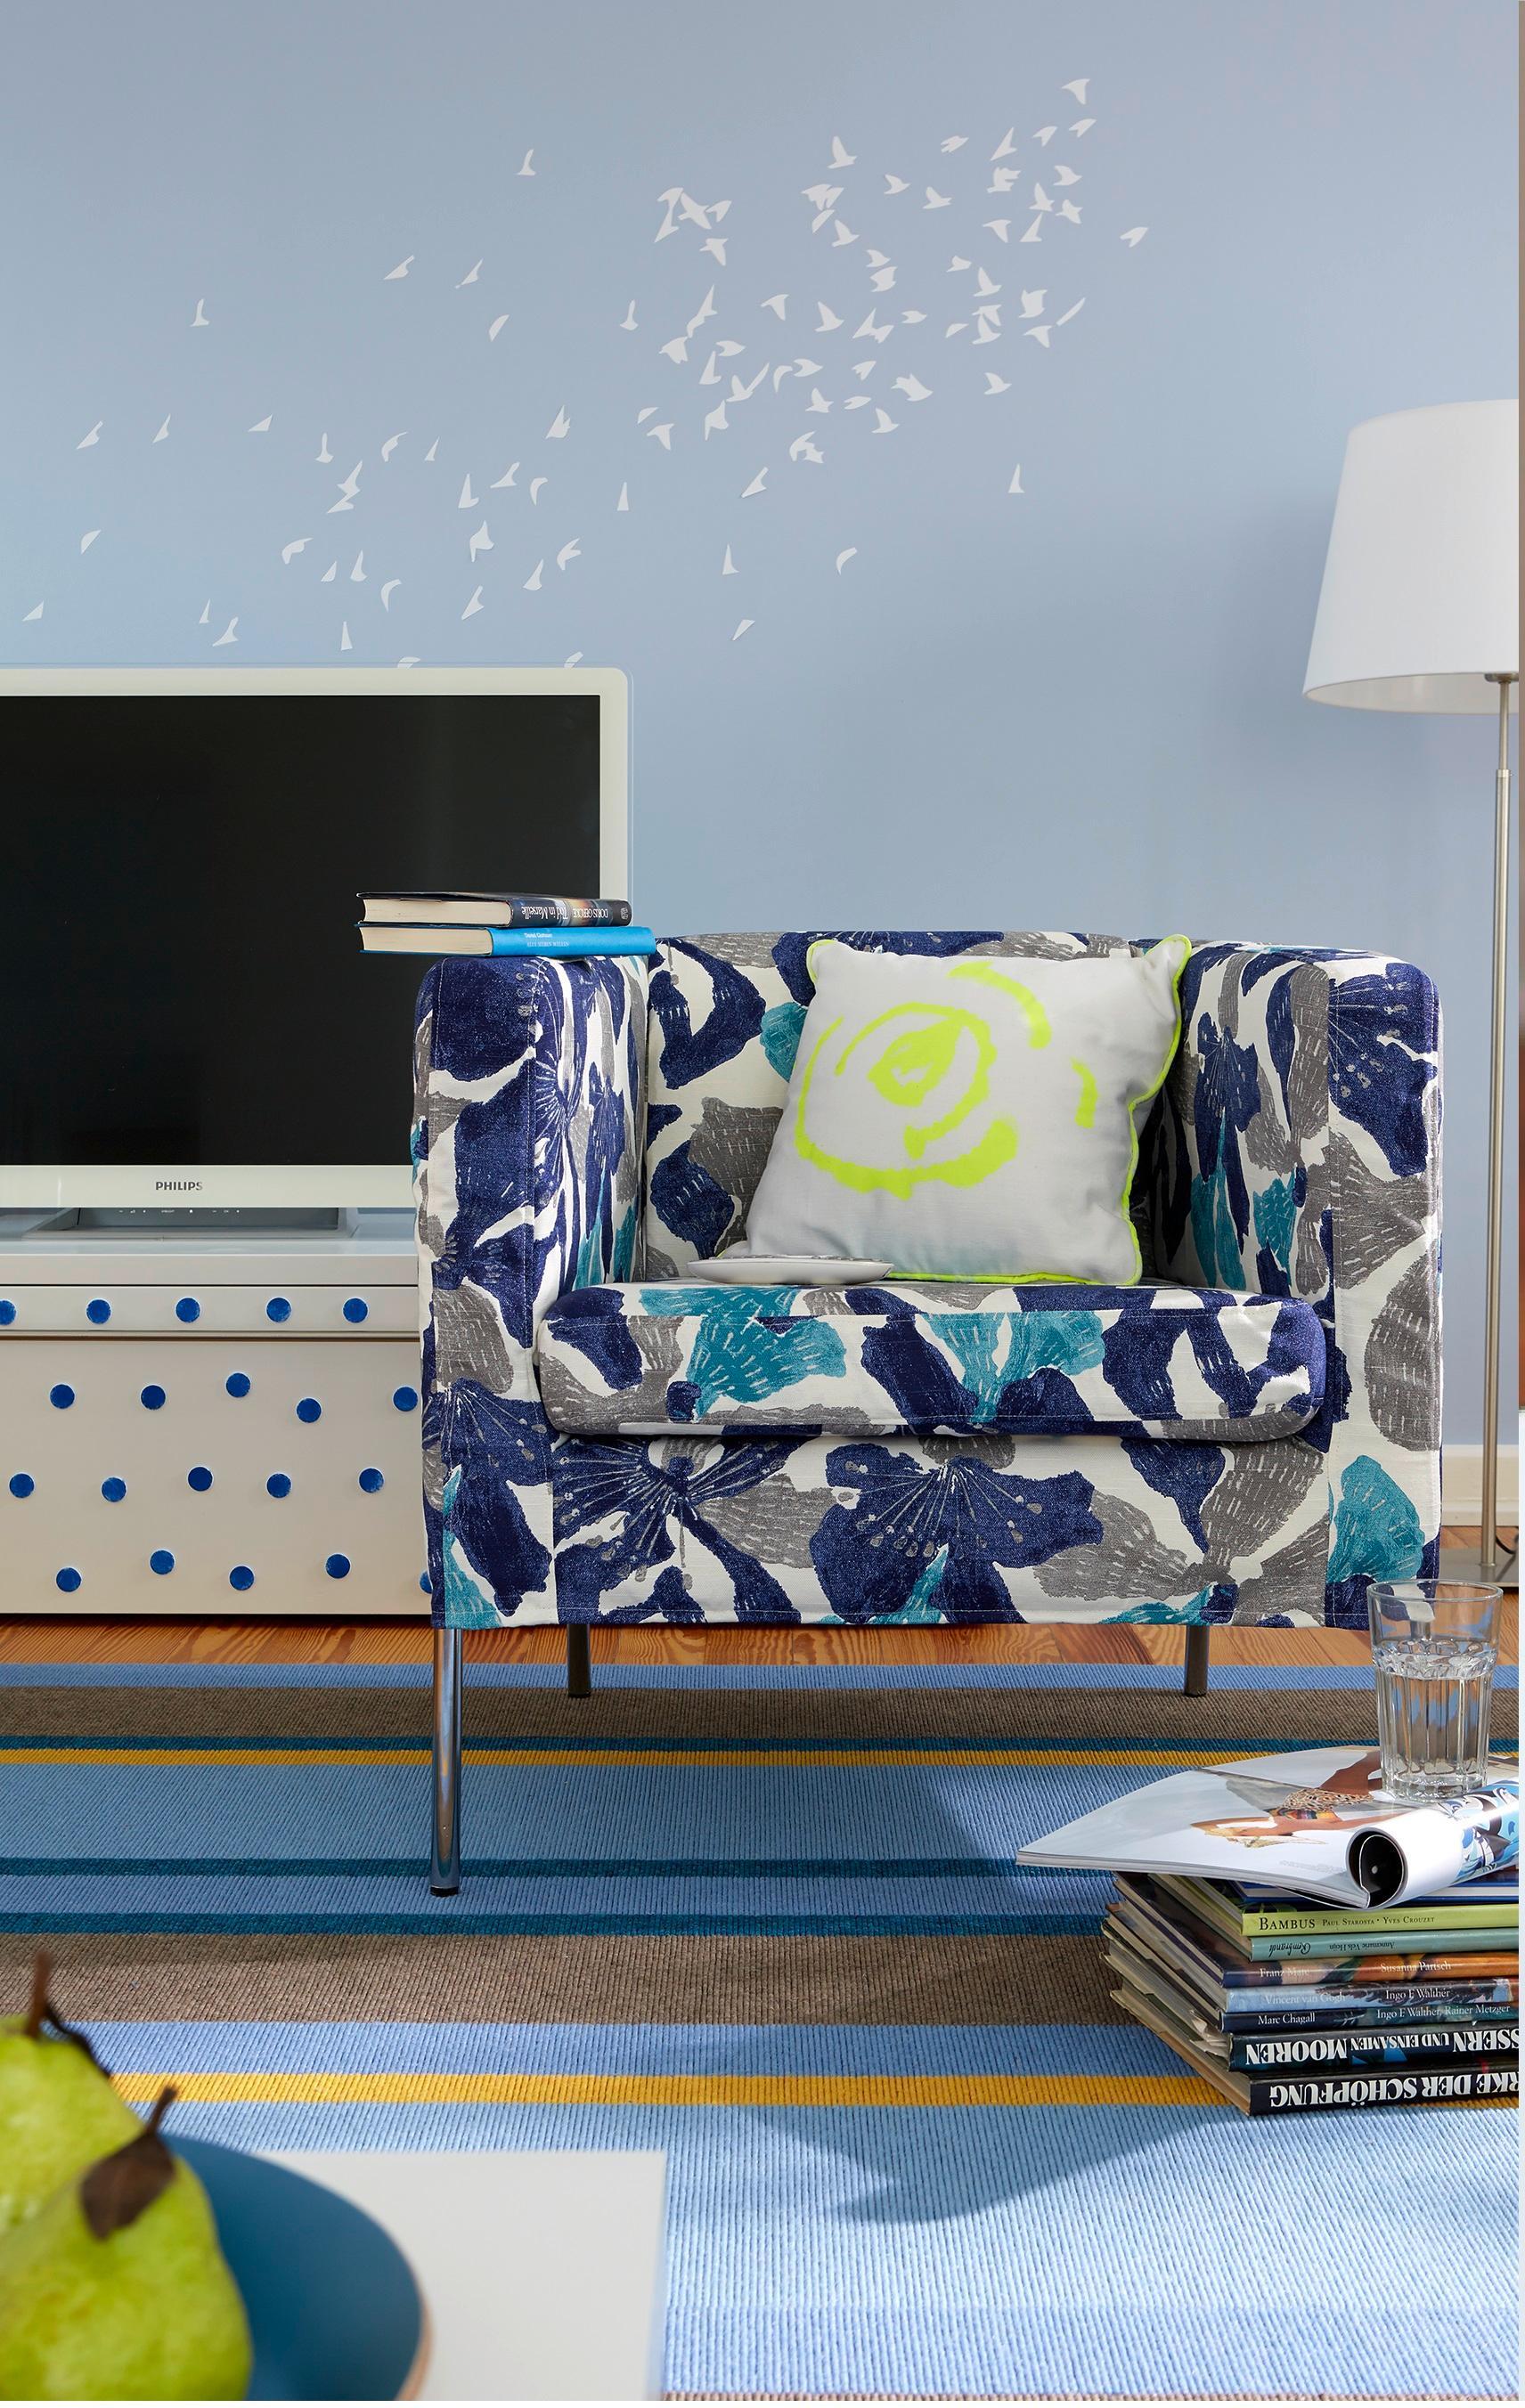 Blauer Bezug Für Deinen Sessel #stuhl #sessel #kissen #vorhang #ikea ©